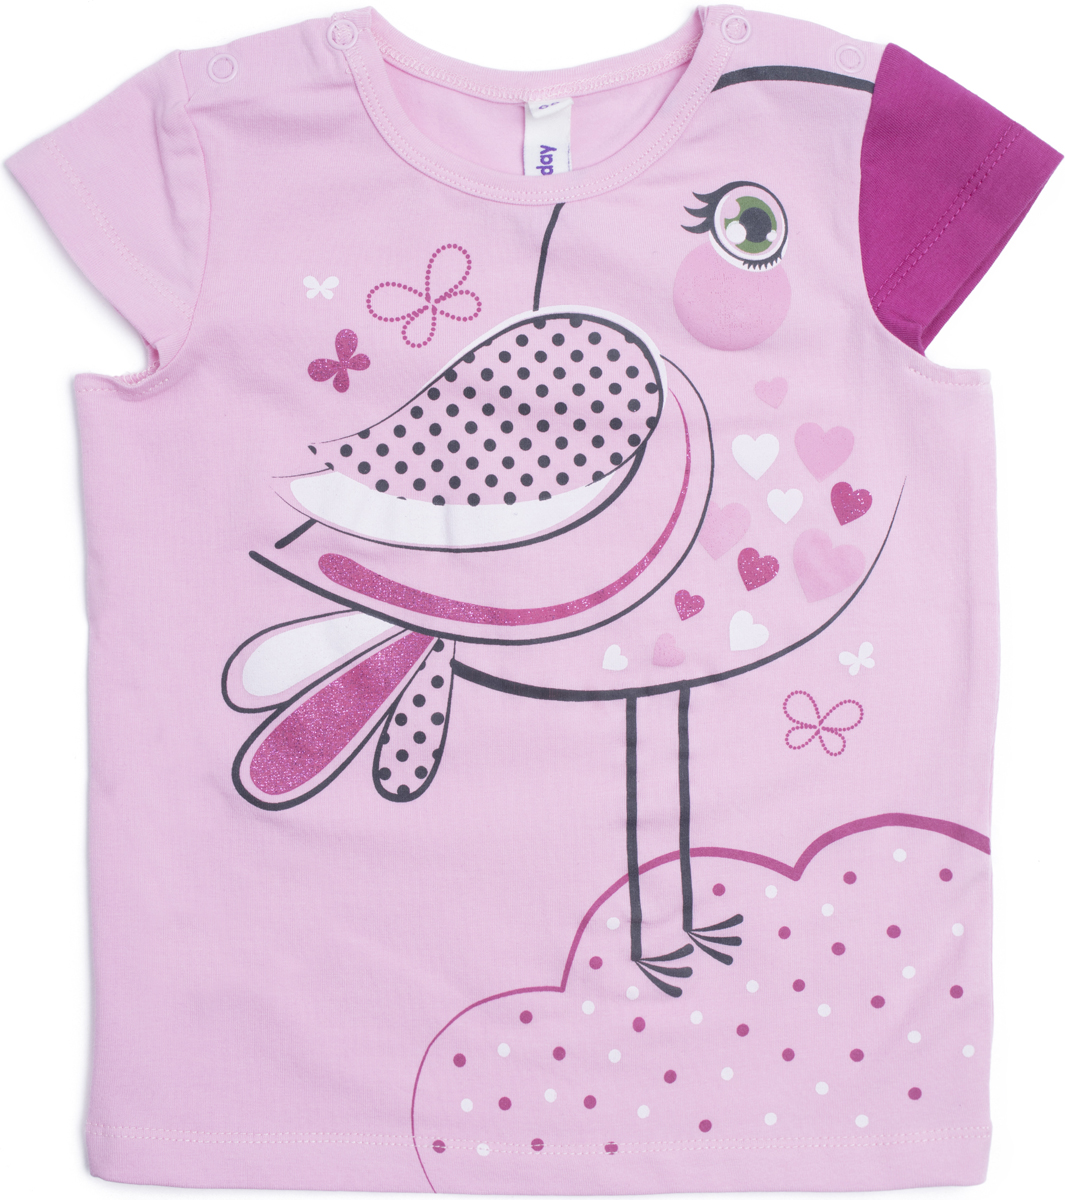 Футболка для девочки PlayToday, цвет: светло-розовый. 188056. Размер 92188056